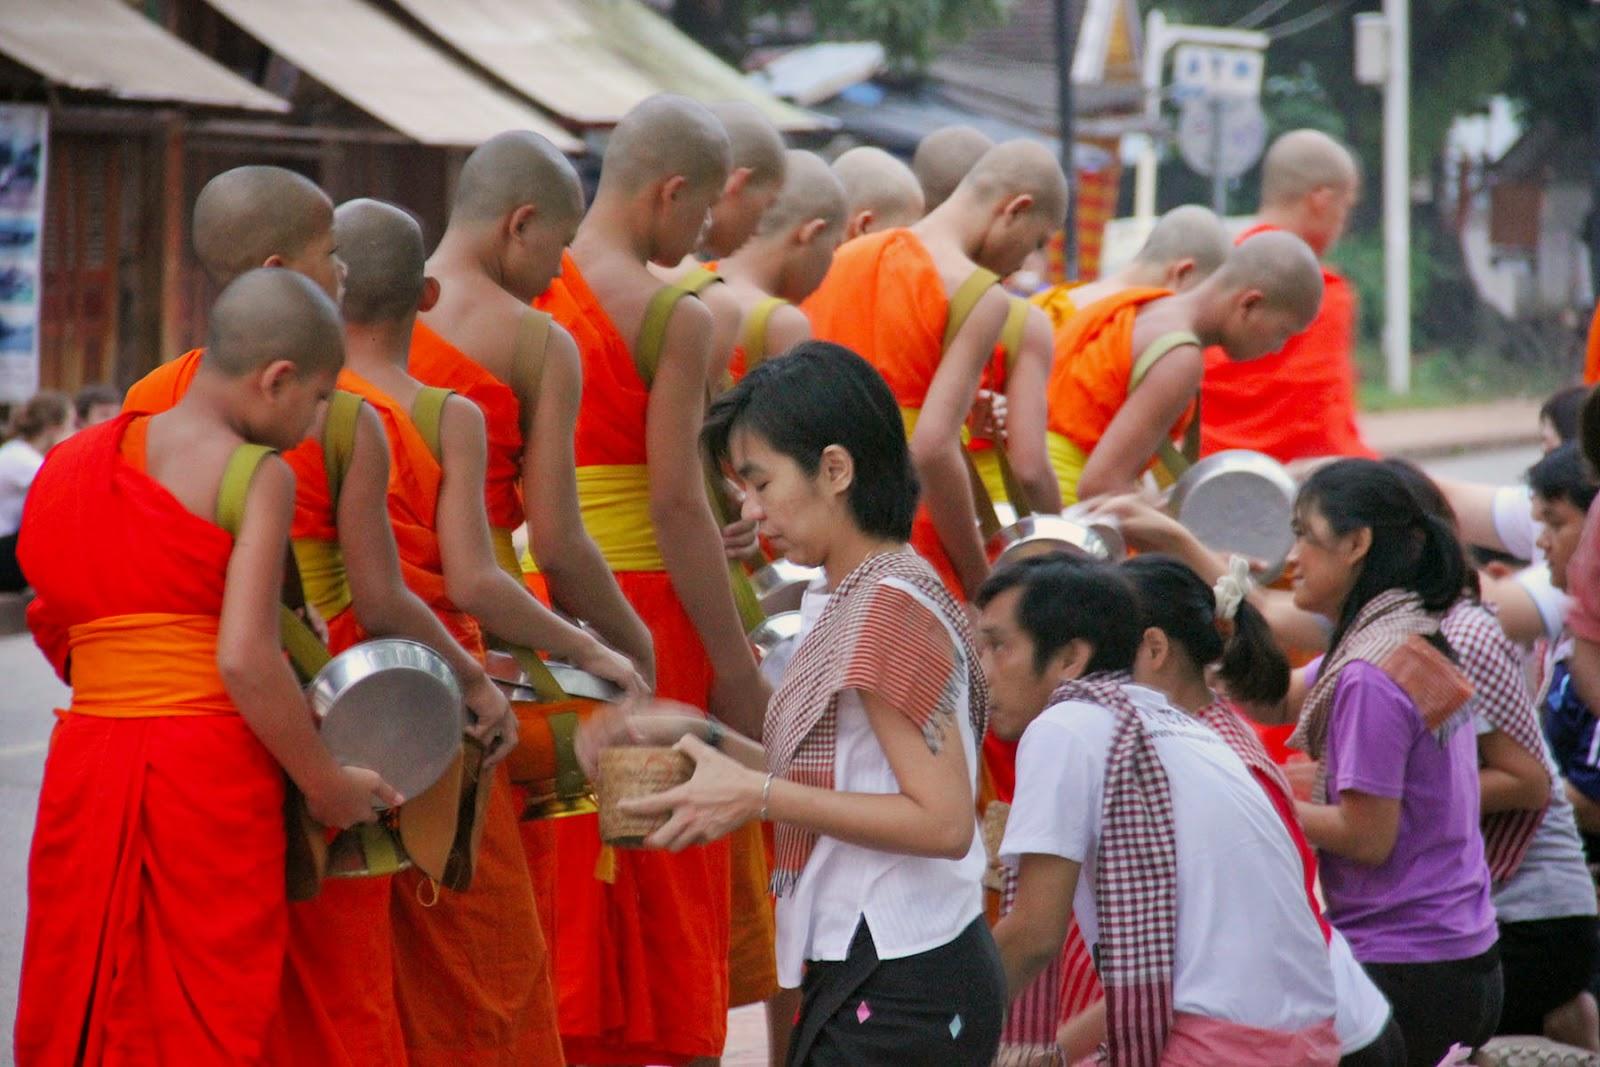 Ceremonia-entrega-limosnas-Luang-Prabang-Laos.jpg